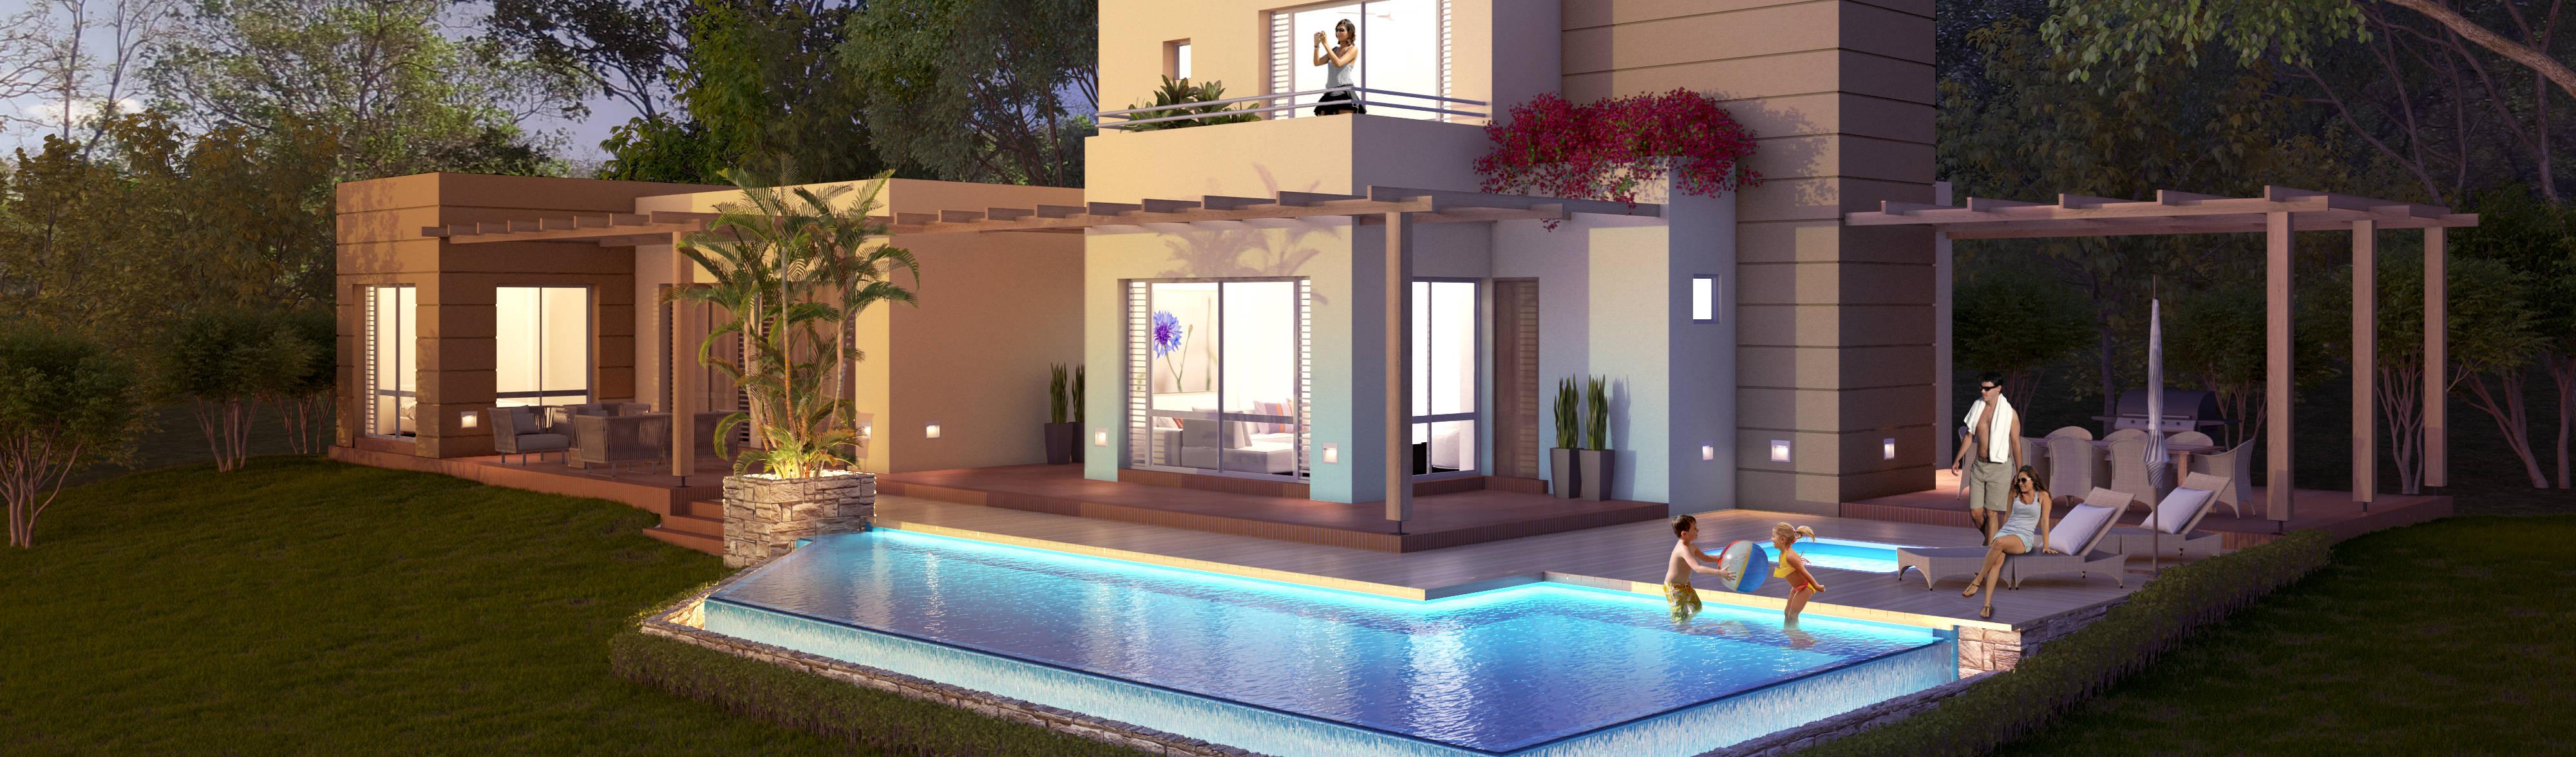 DIARQ diseño arquitectonico SAS